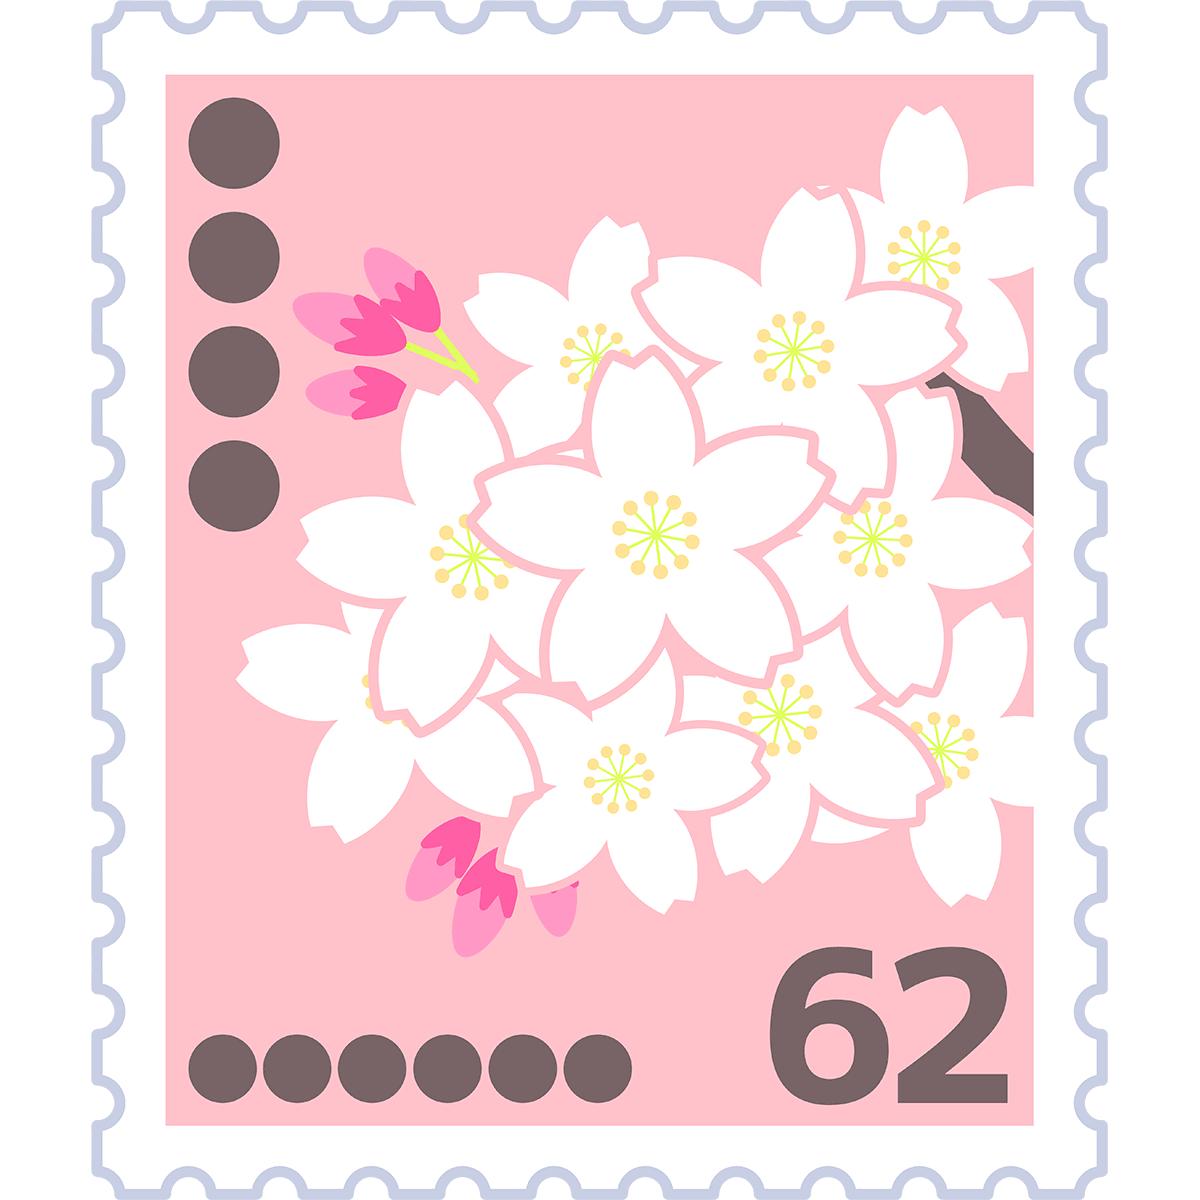 62円切手の無料イラスト